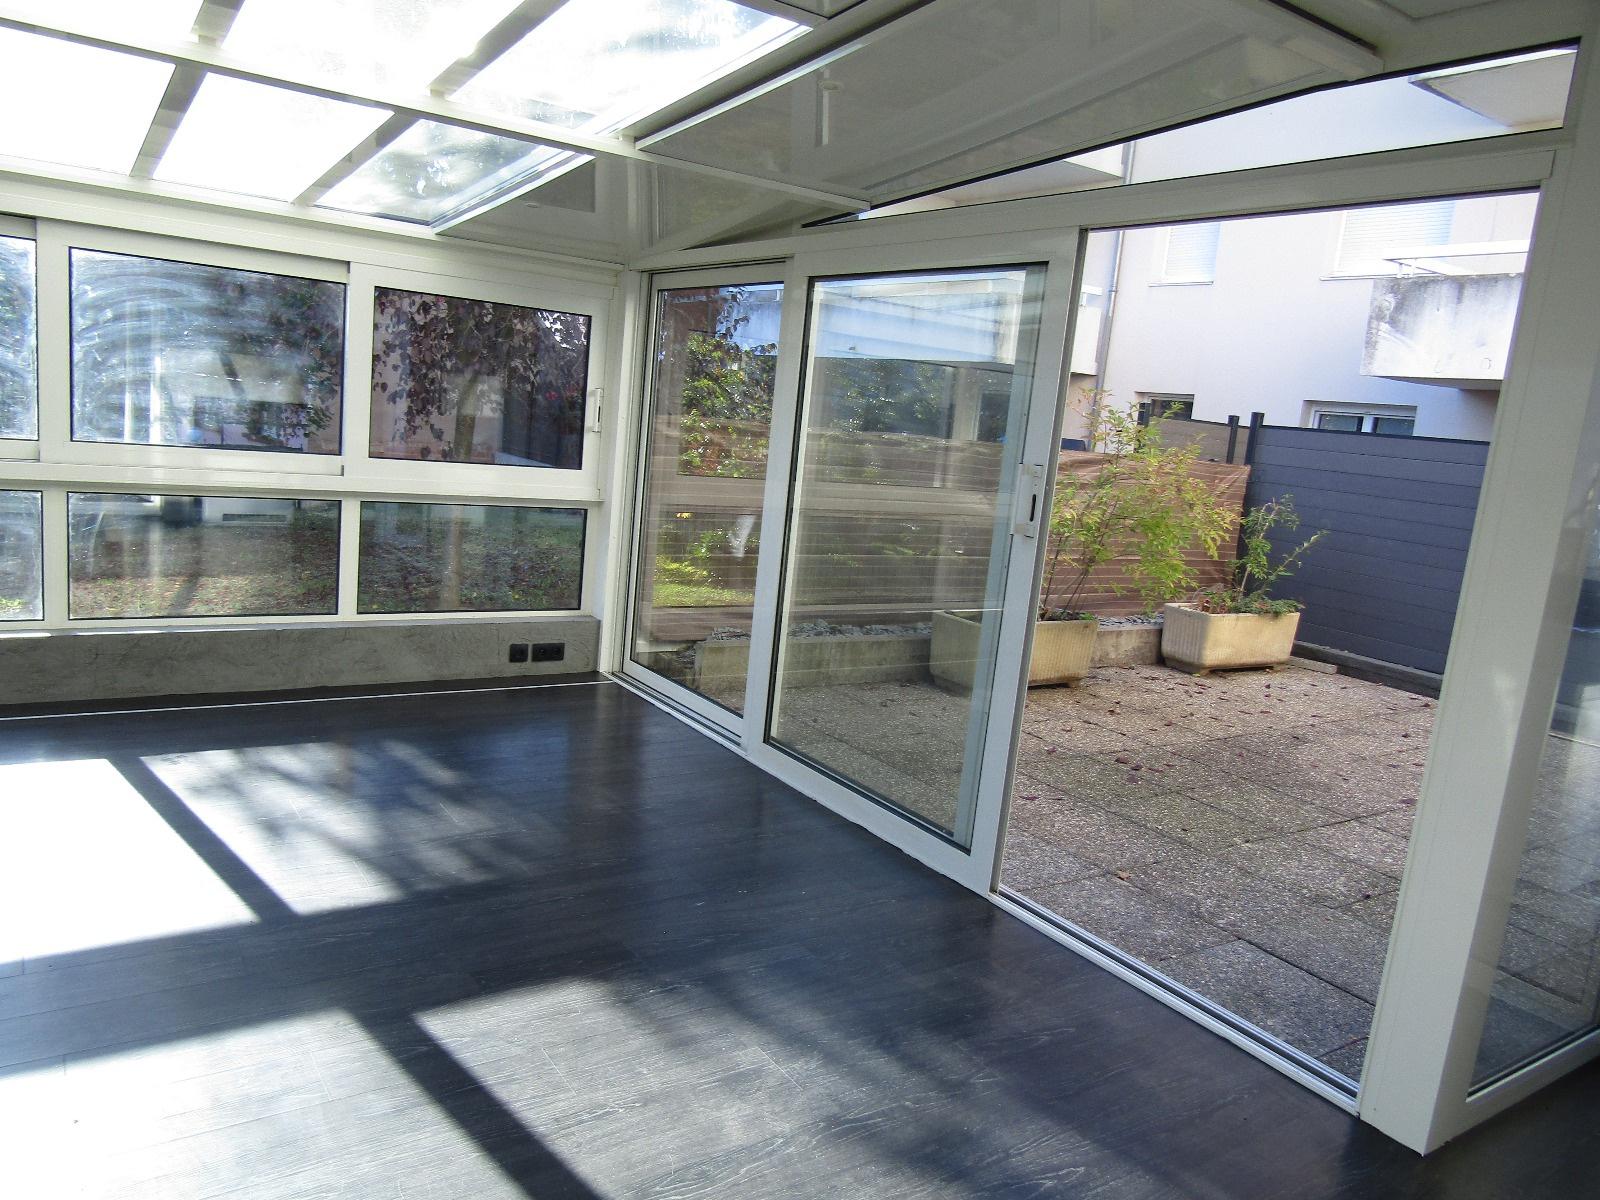 Logiciel creation salle de bain 3d gratuit photographs - Logiciel creation salle de bain ...